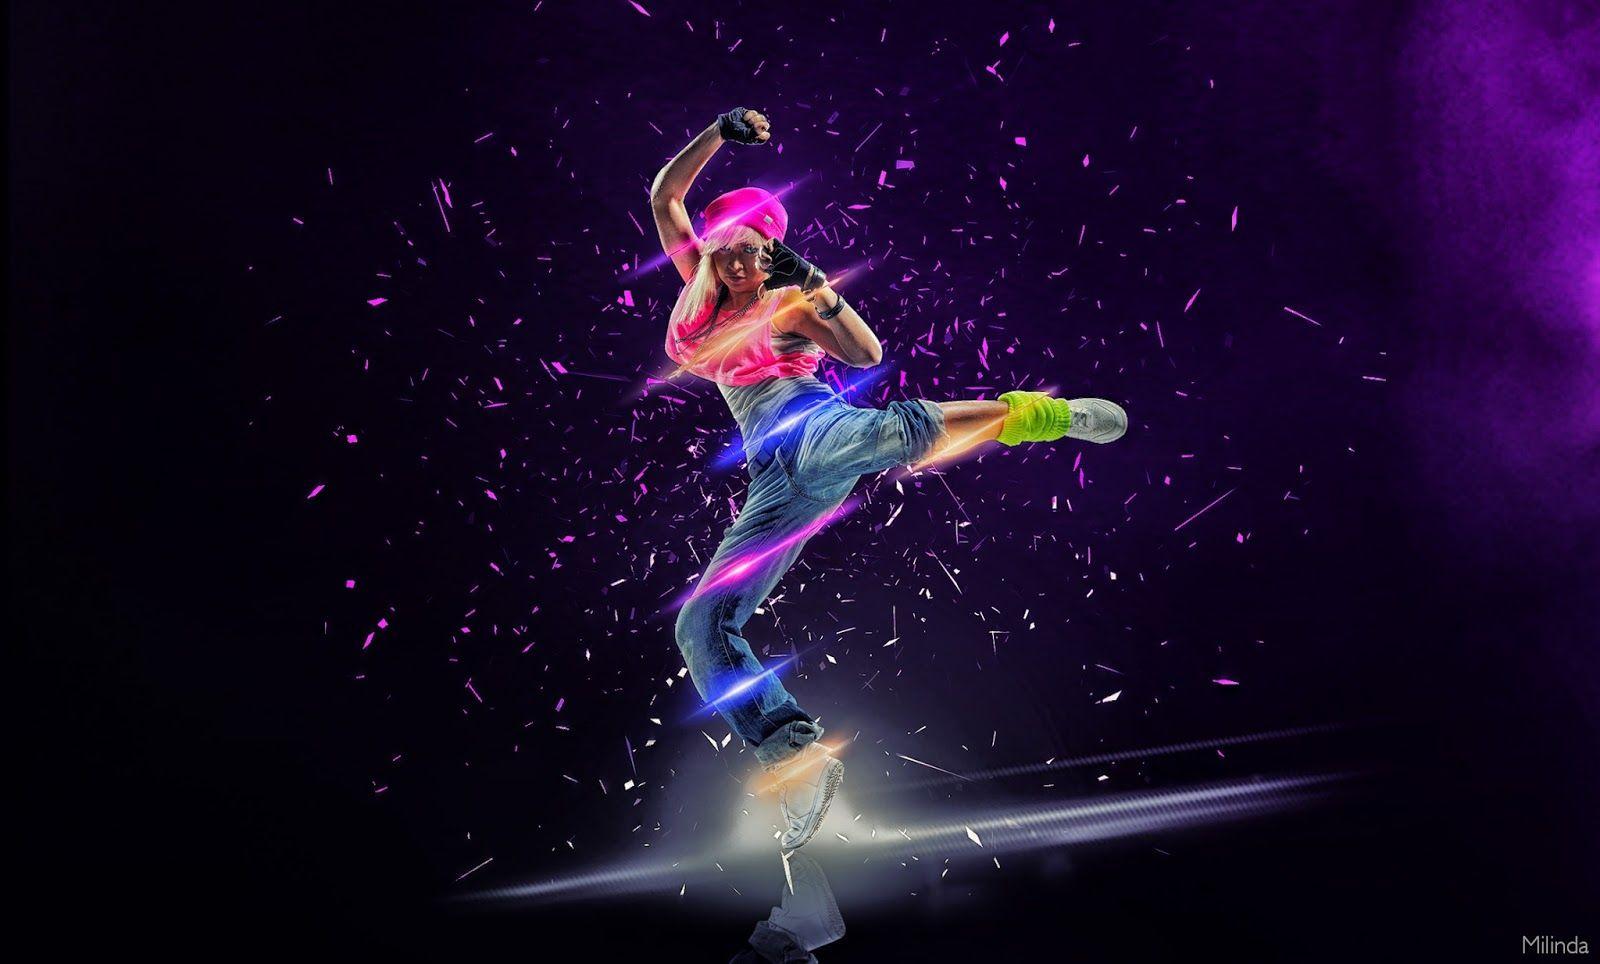 Dance Dancing Girl Wallpapers   Top Dance Dancing Girl 1600x964